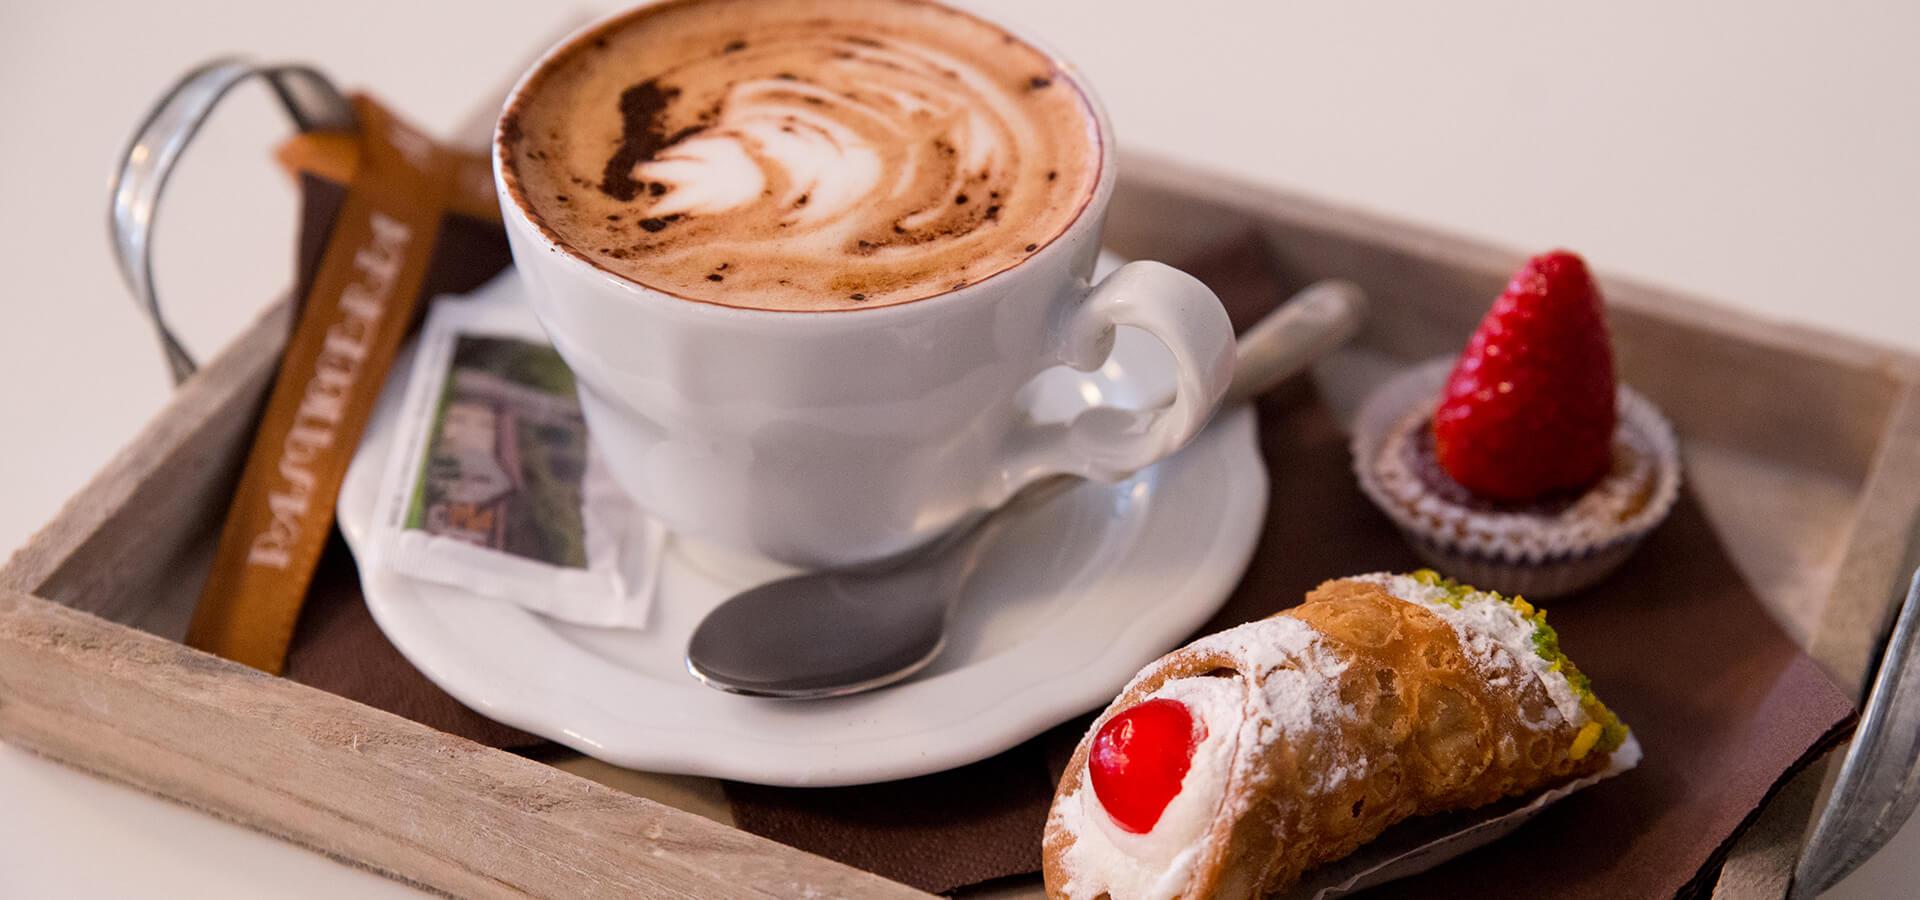 Caffetteria cappuccino e dolci - Pasticceria Acquario